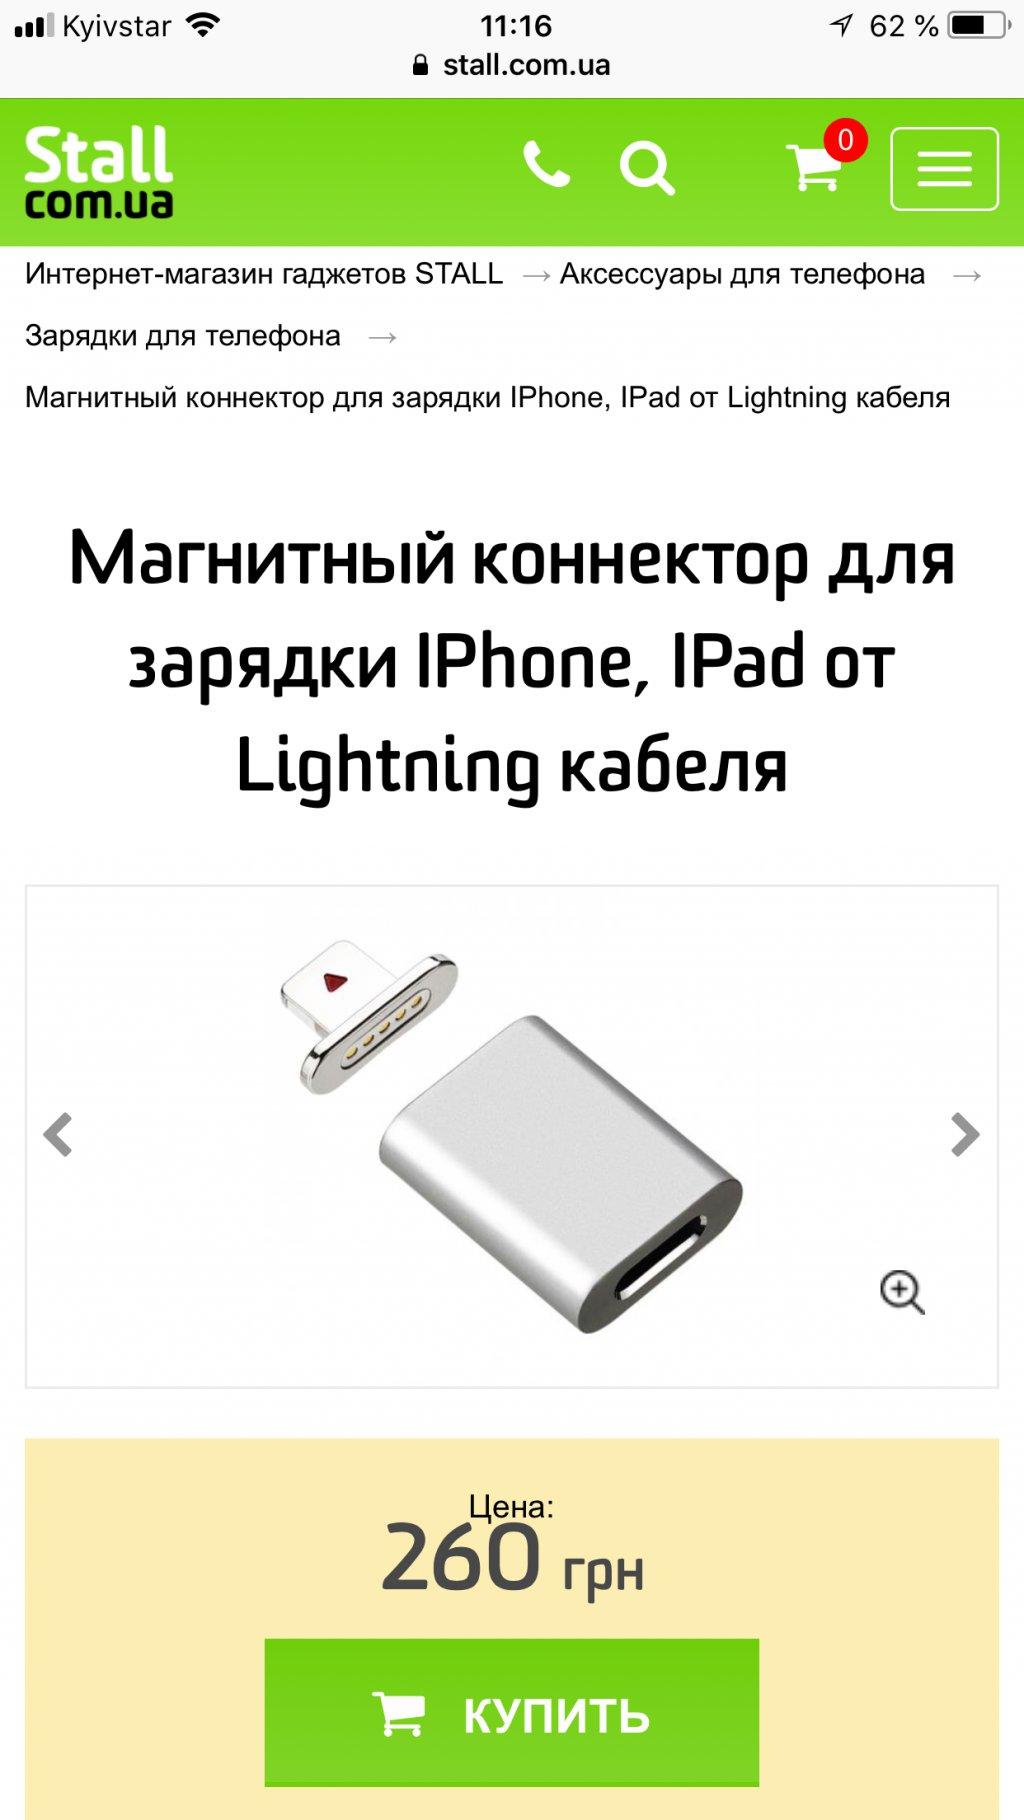 stall.com.ua интернет-магазин - Обман и не компетентность